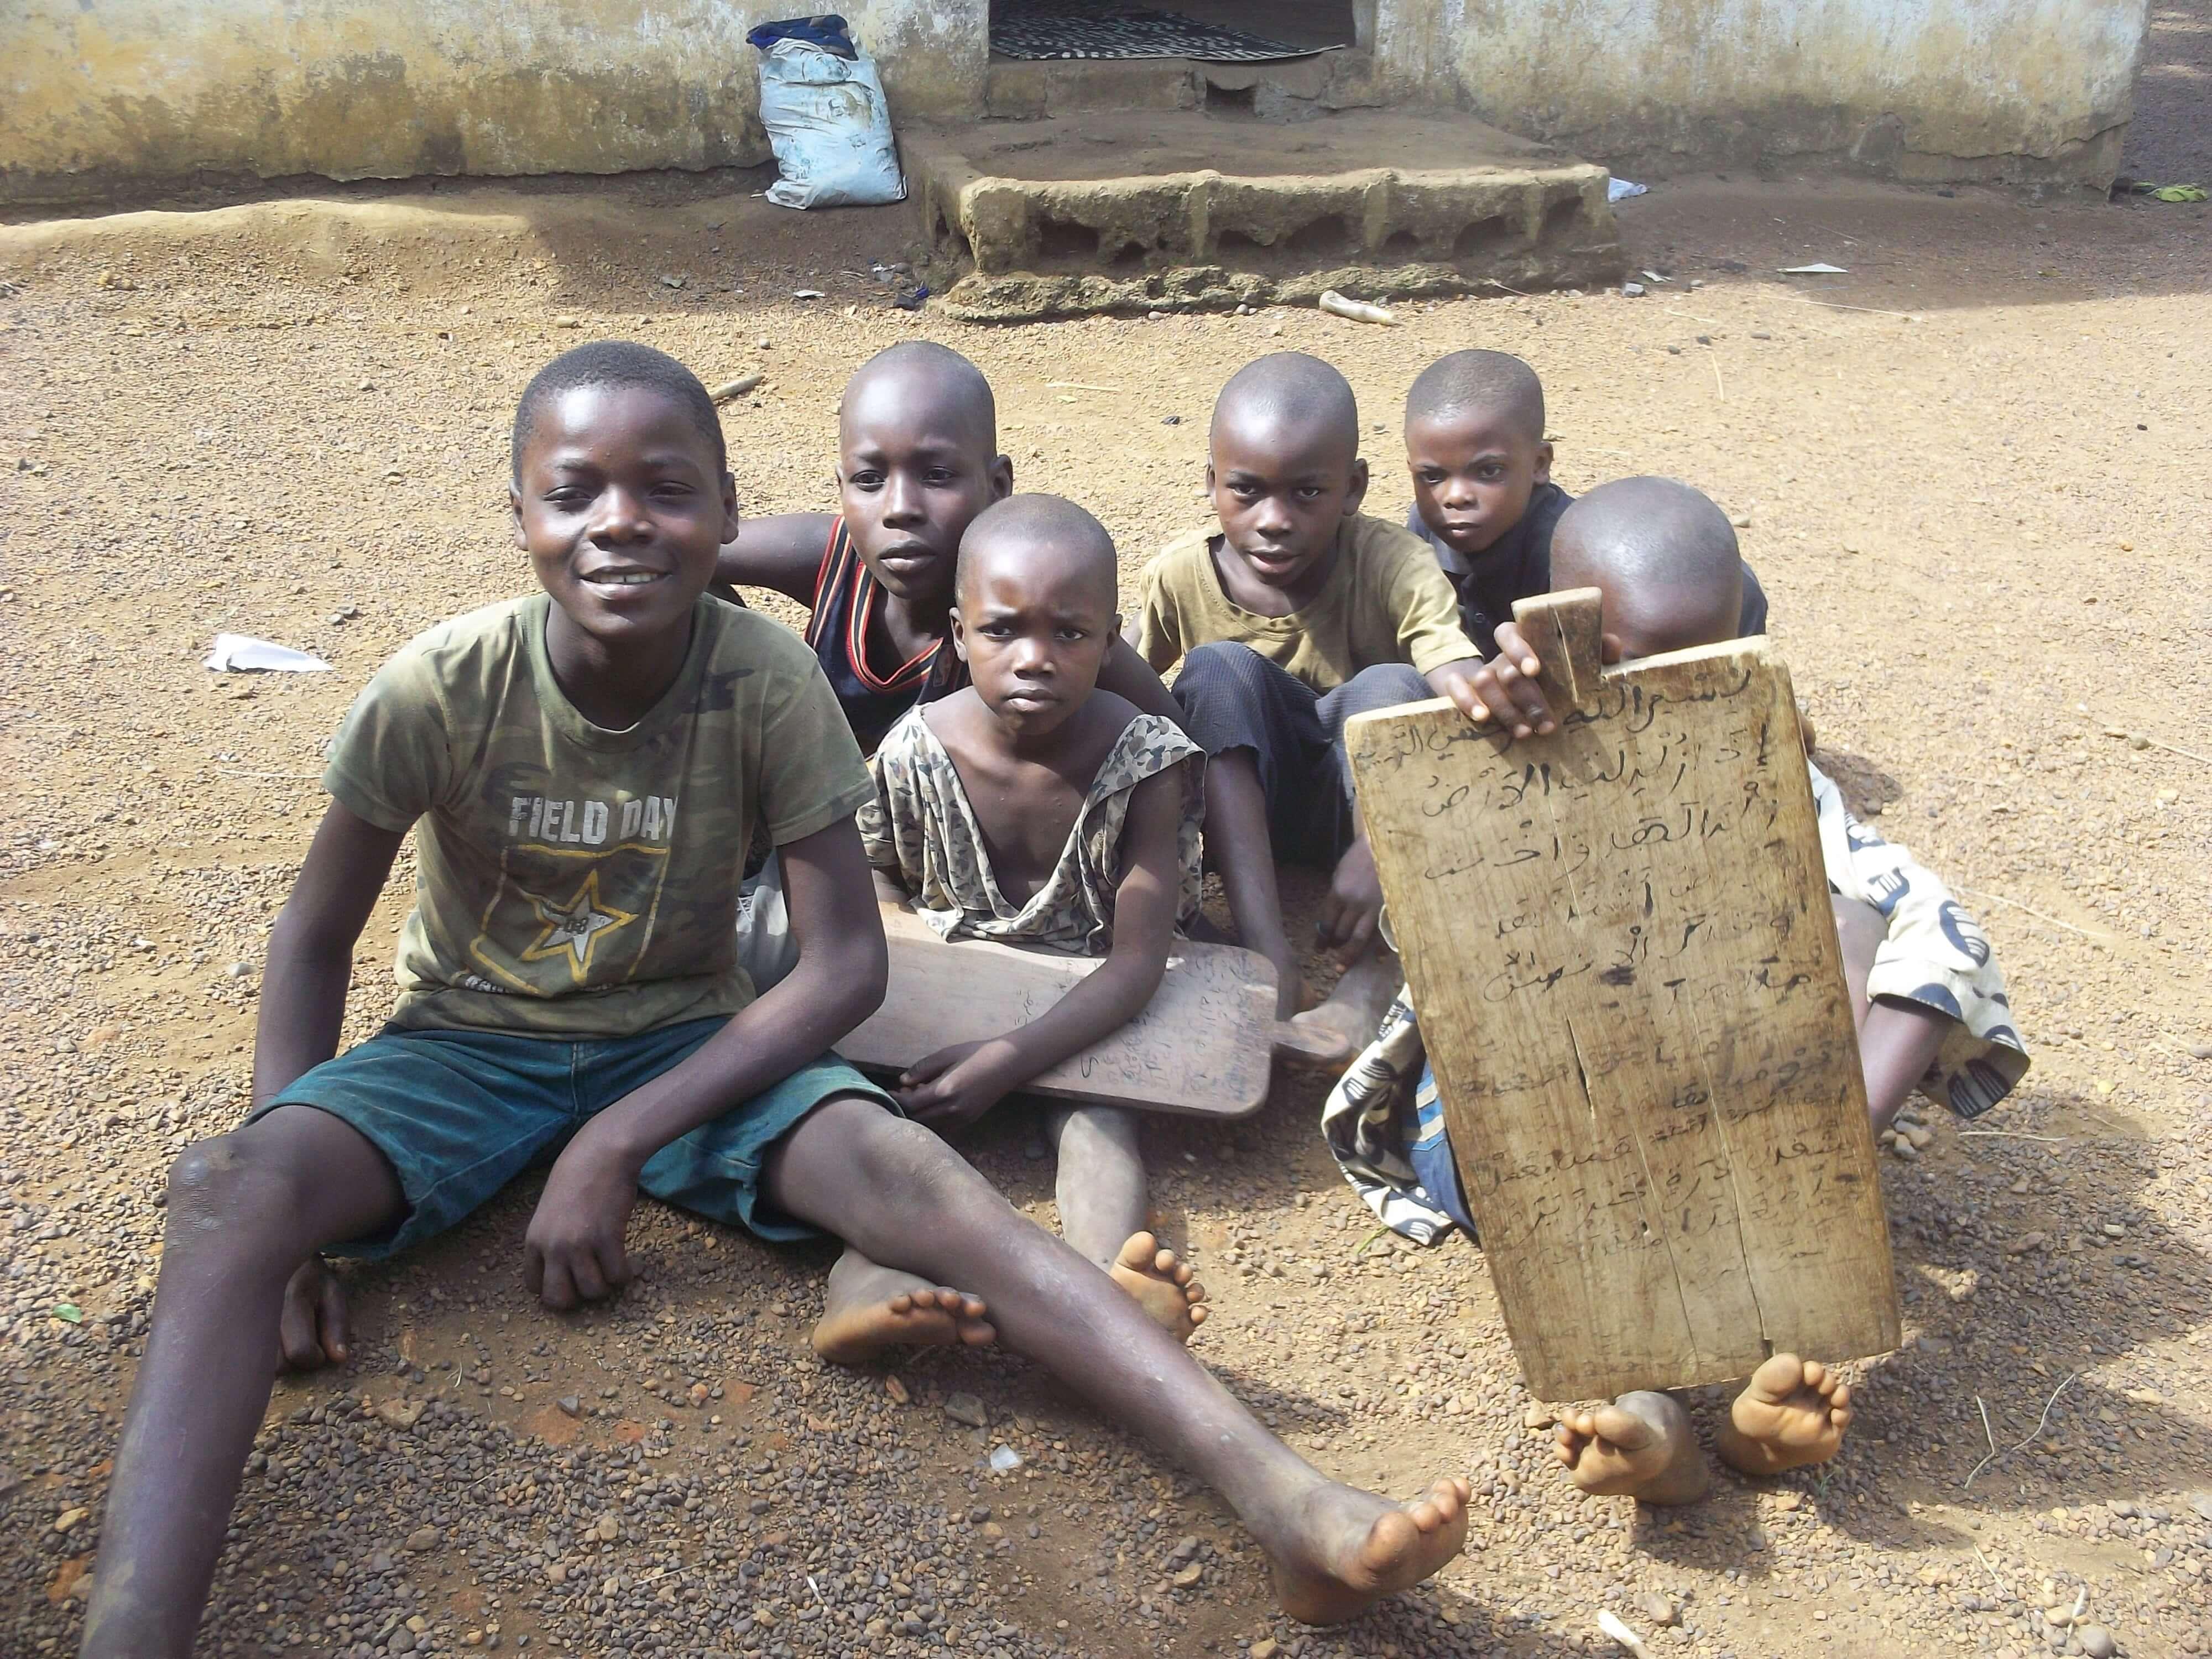 Sur le chemin retour on a croisé les enfants de l'école coranique